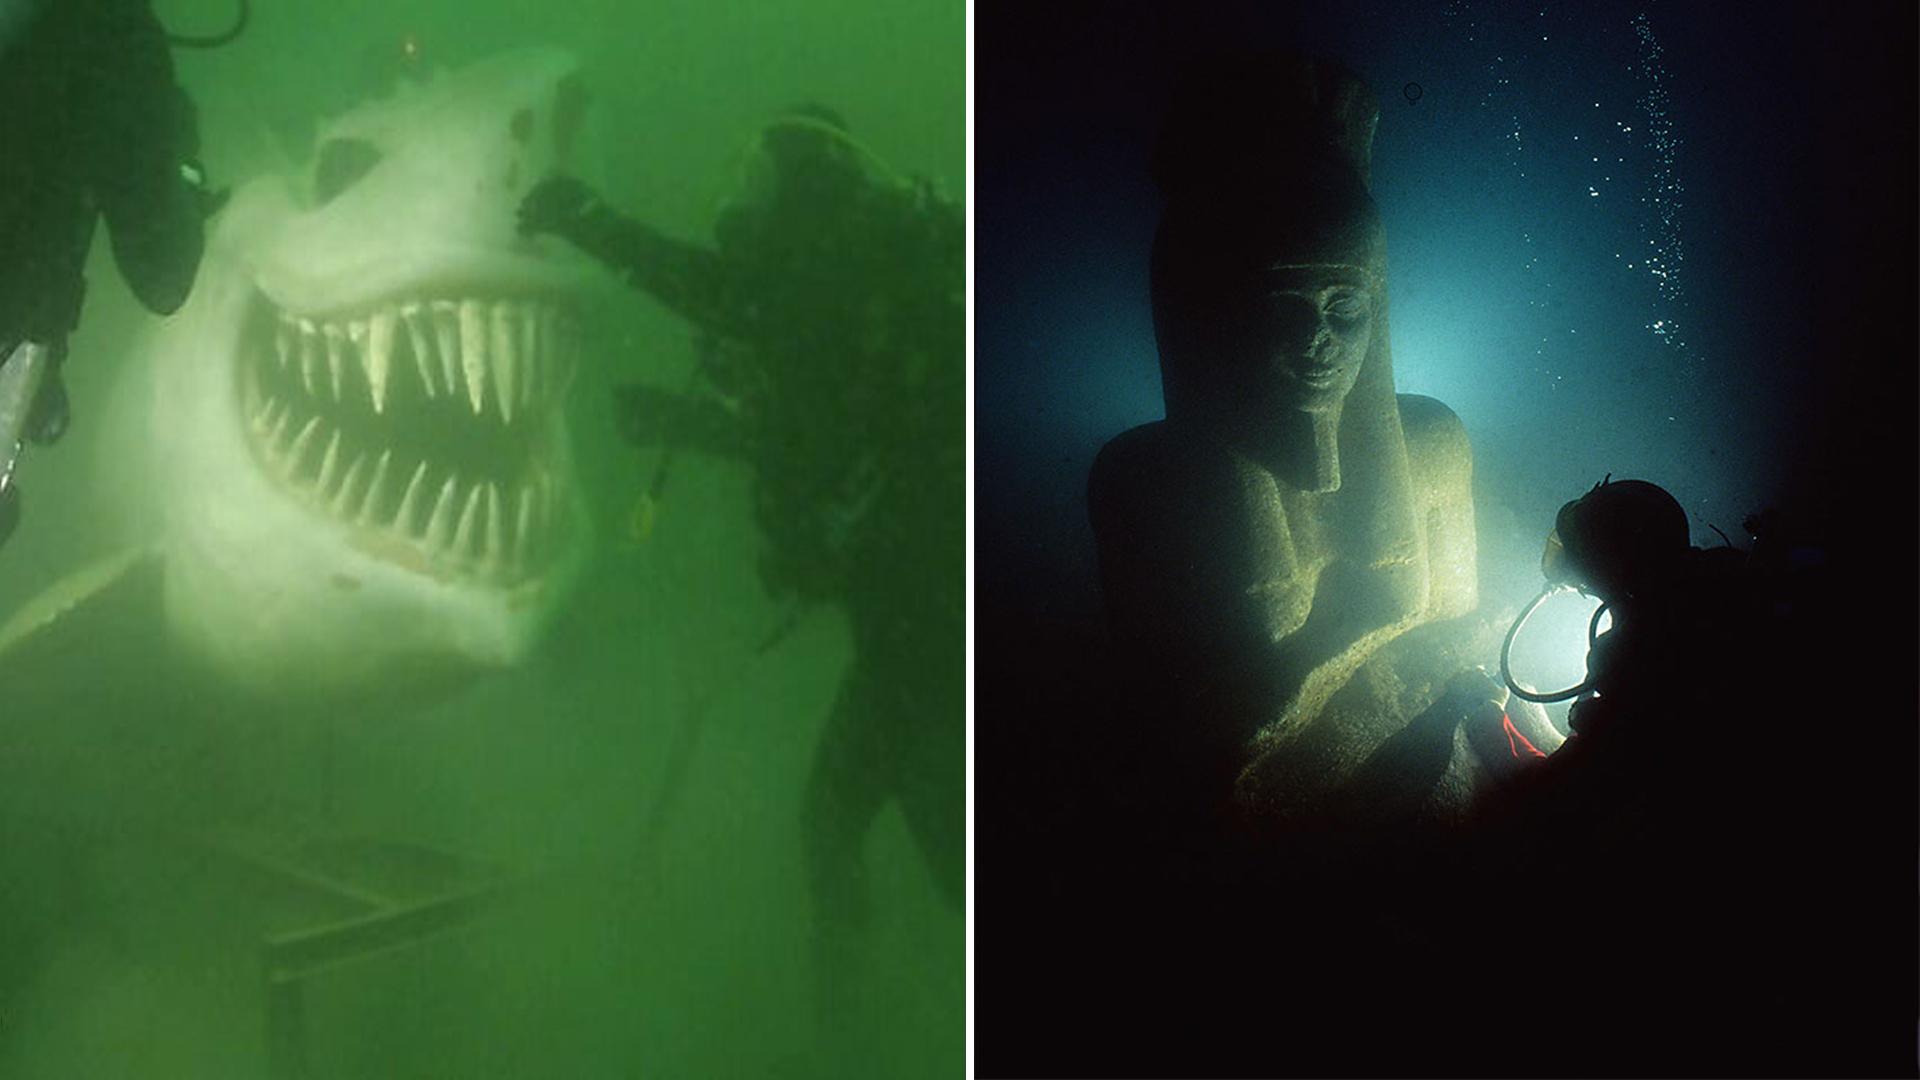 Medo de objetos submersos: grupo compartilha imagens assustadoras